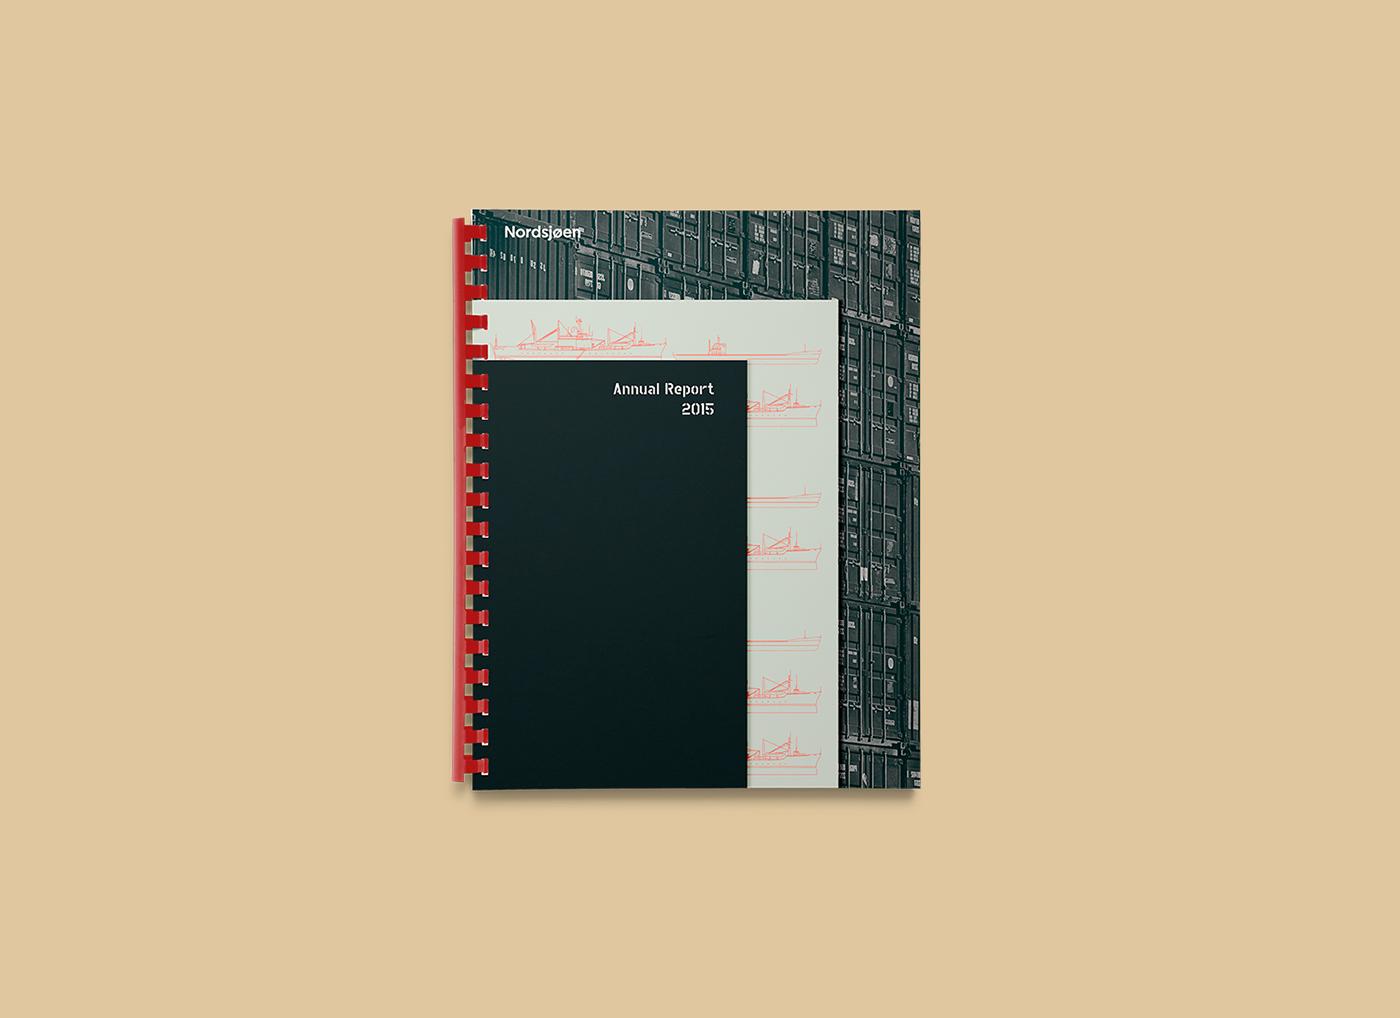 nordsjøen-annual-report--intent-award-for-print-design--honourable-mention--jesse-ellingson-01.jpg